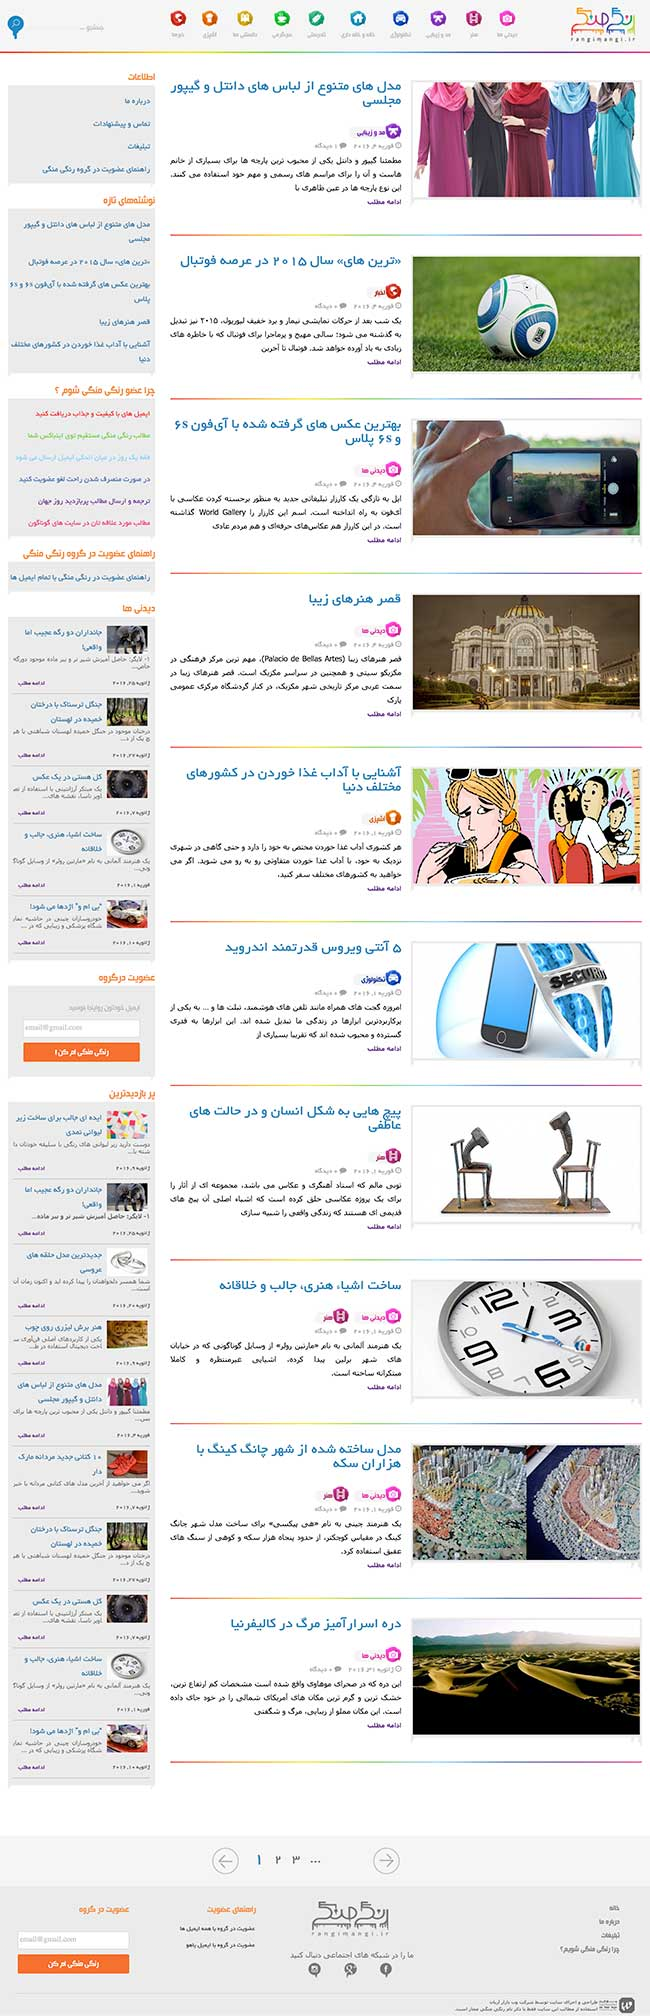 طراحی سایت مجله خبری